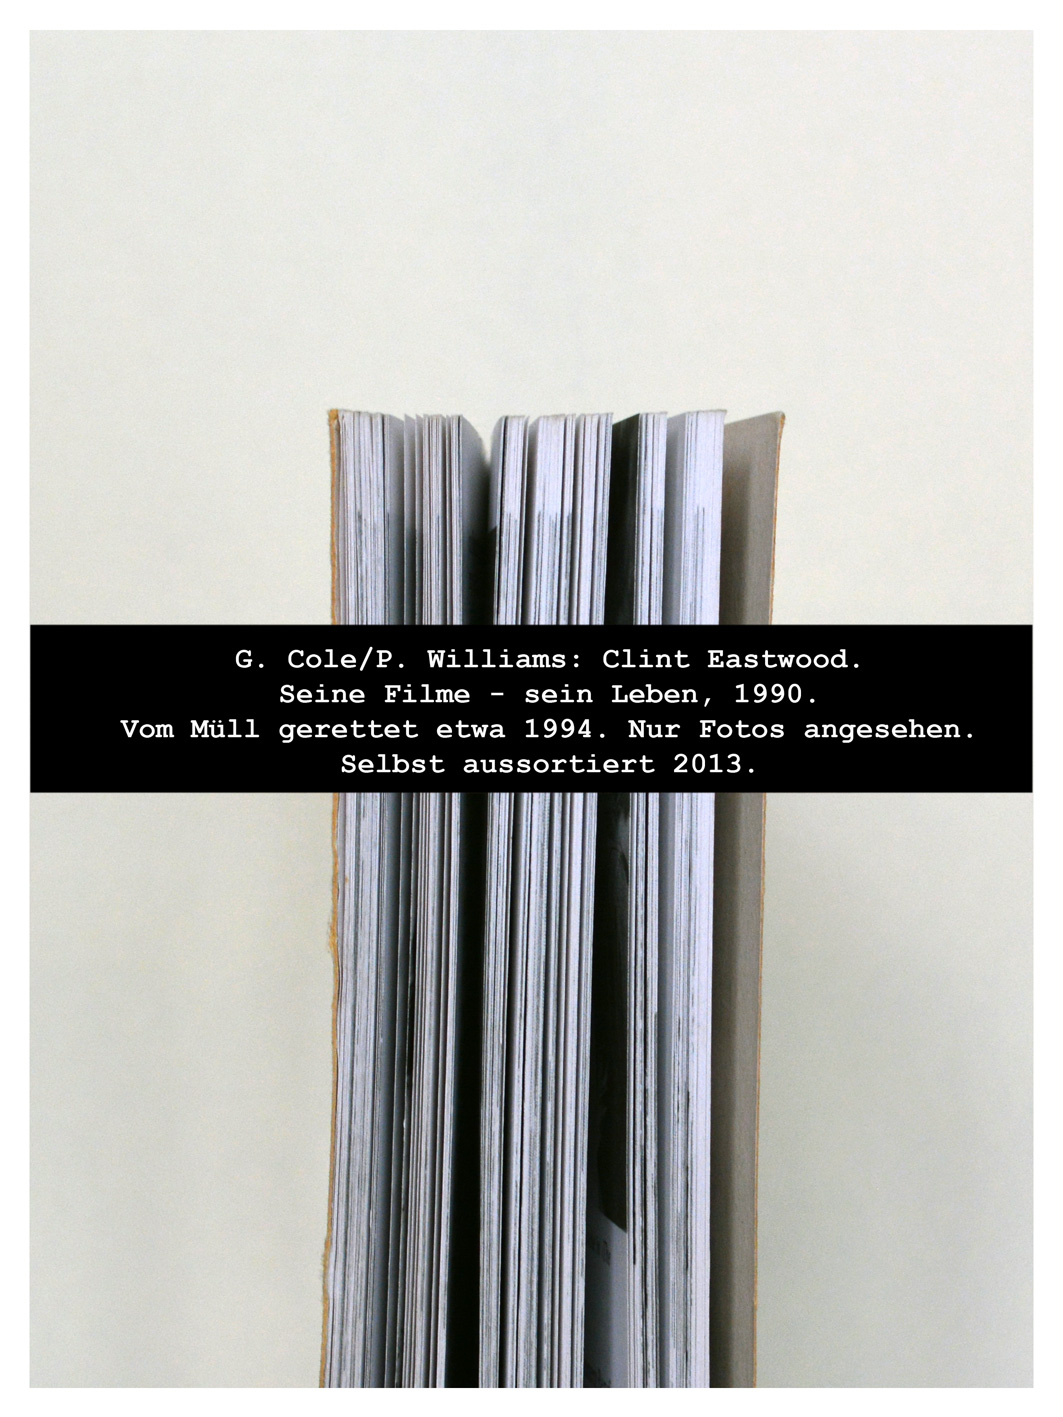 Mugshot von einem Buch.